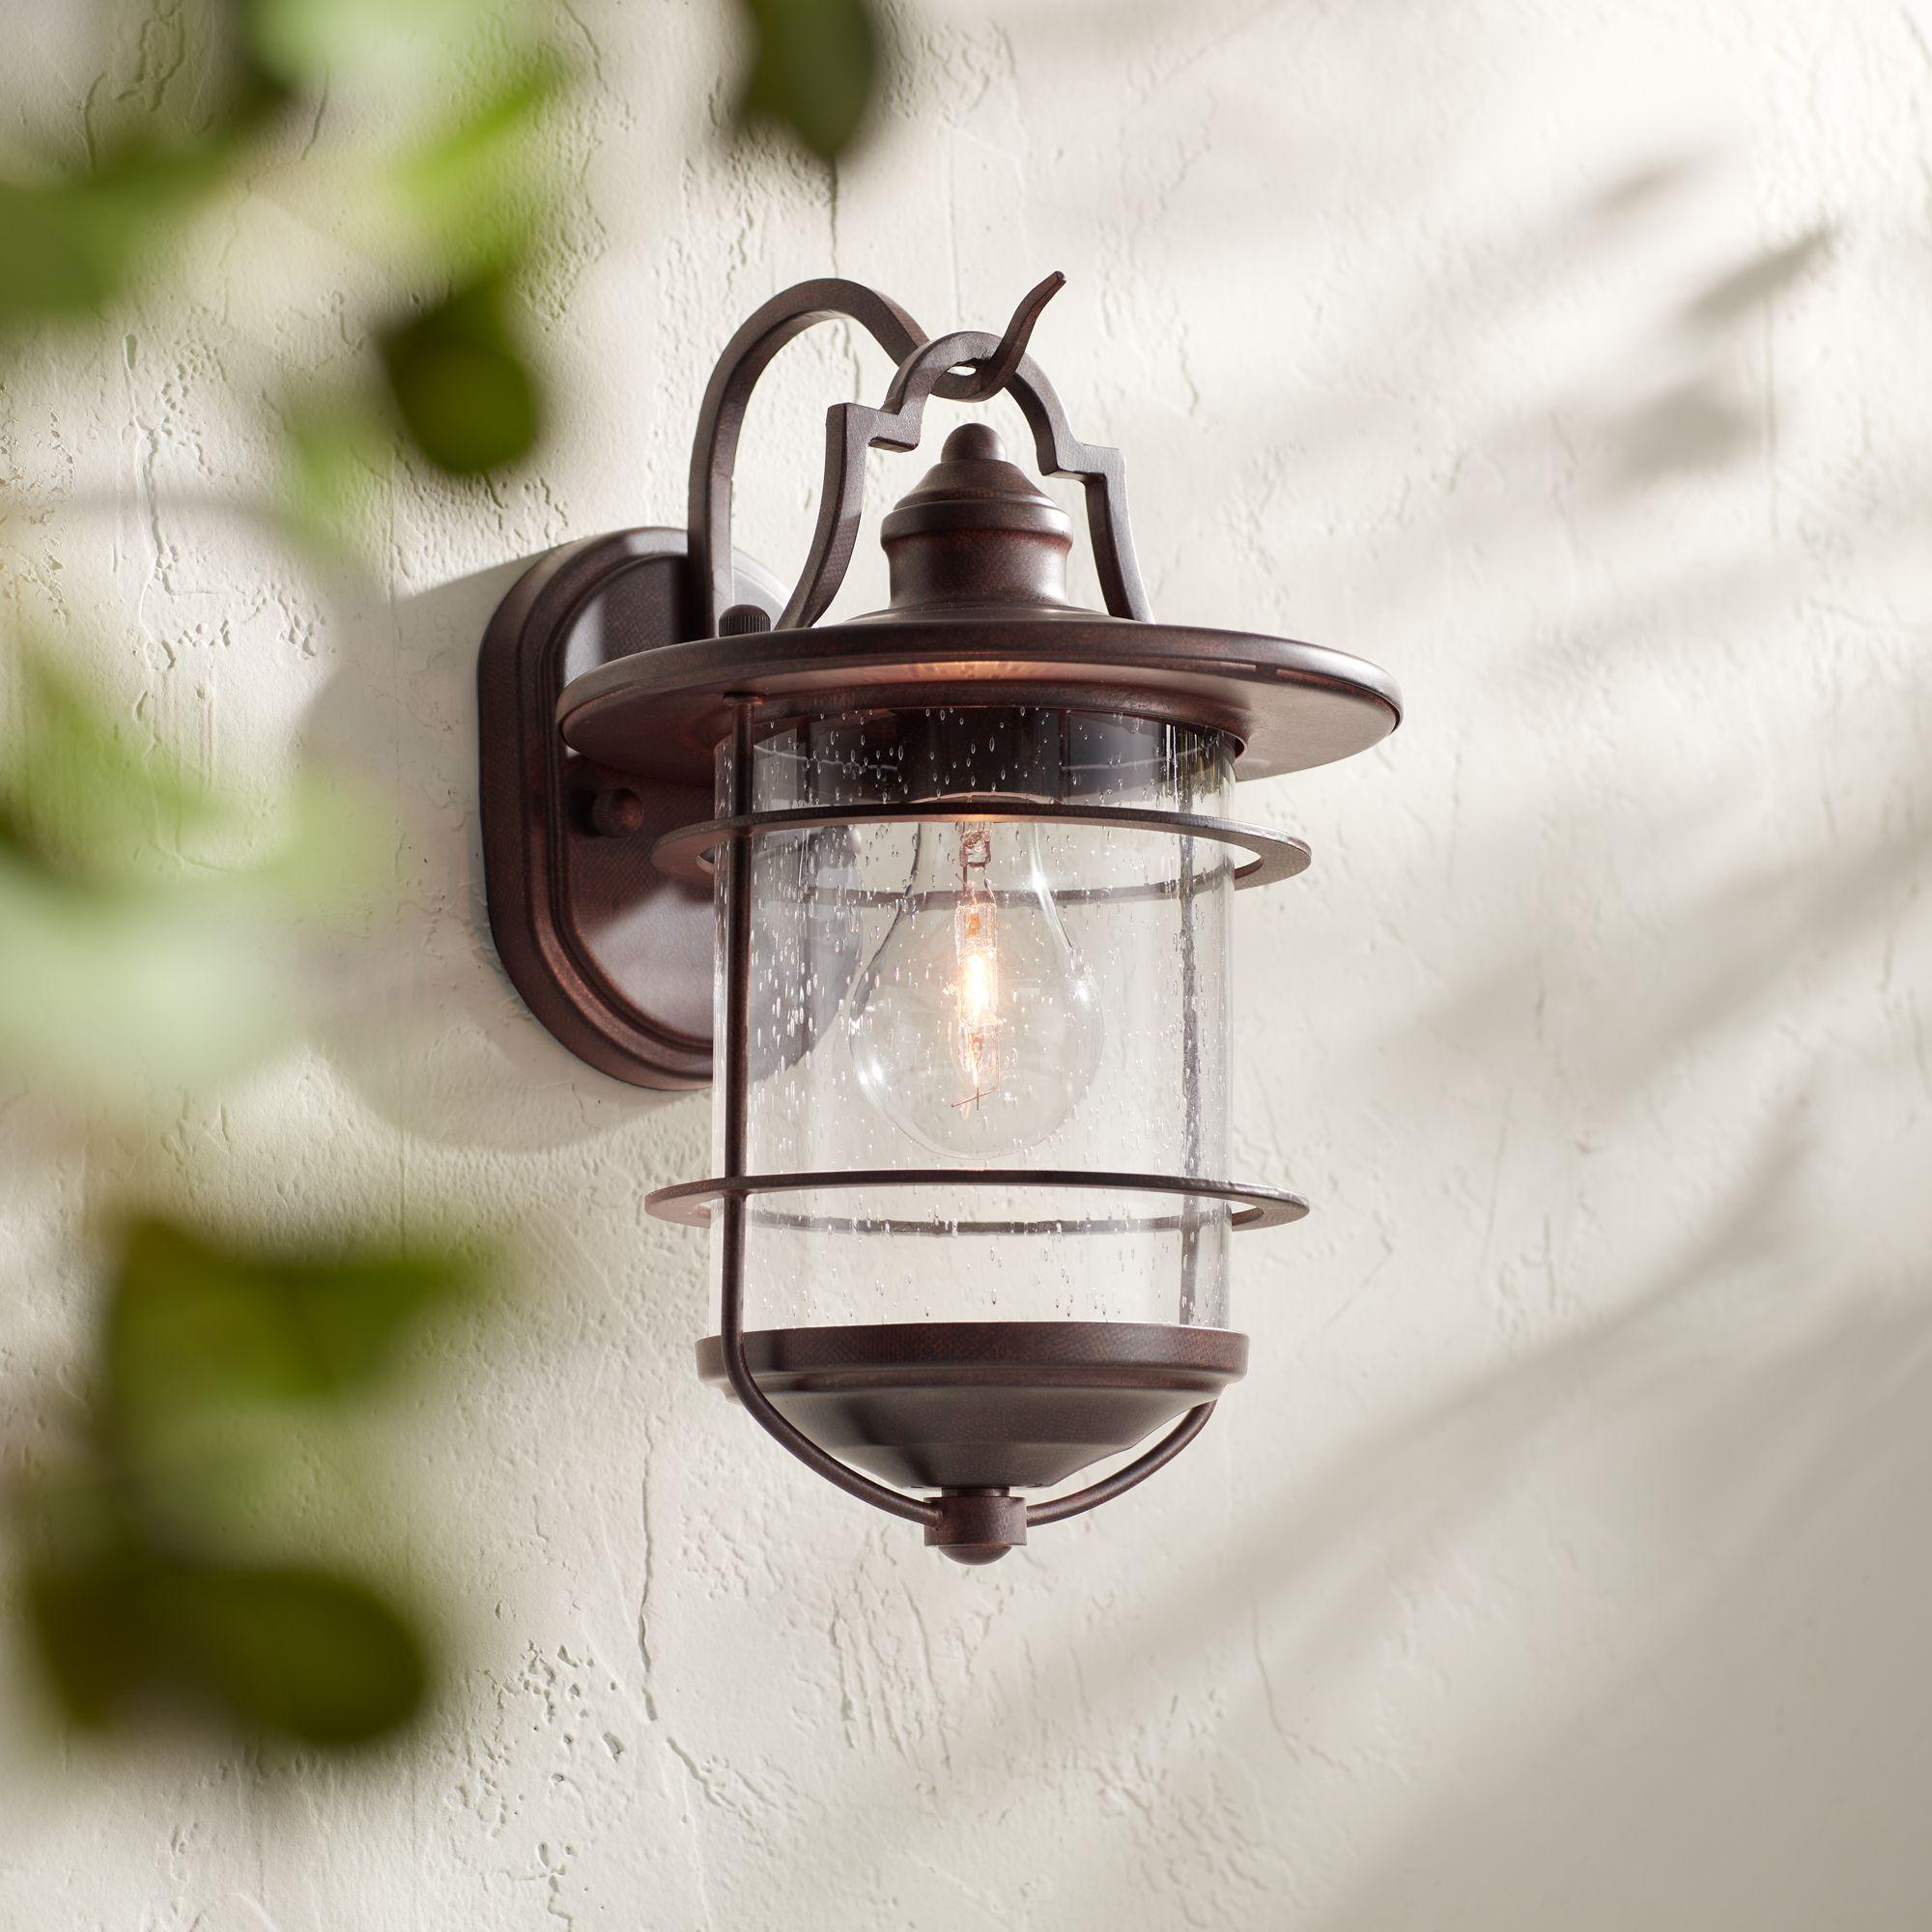 Casa Mirada 12 H Vintage Bronze Outdoor Light & Rustic Outdoor Lighting   Lamps Plus azcodes.com